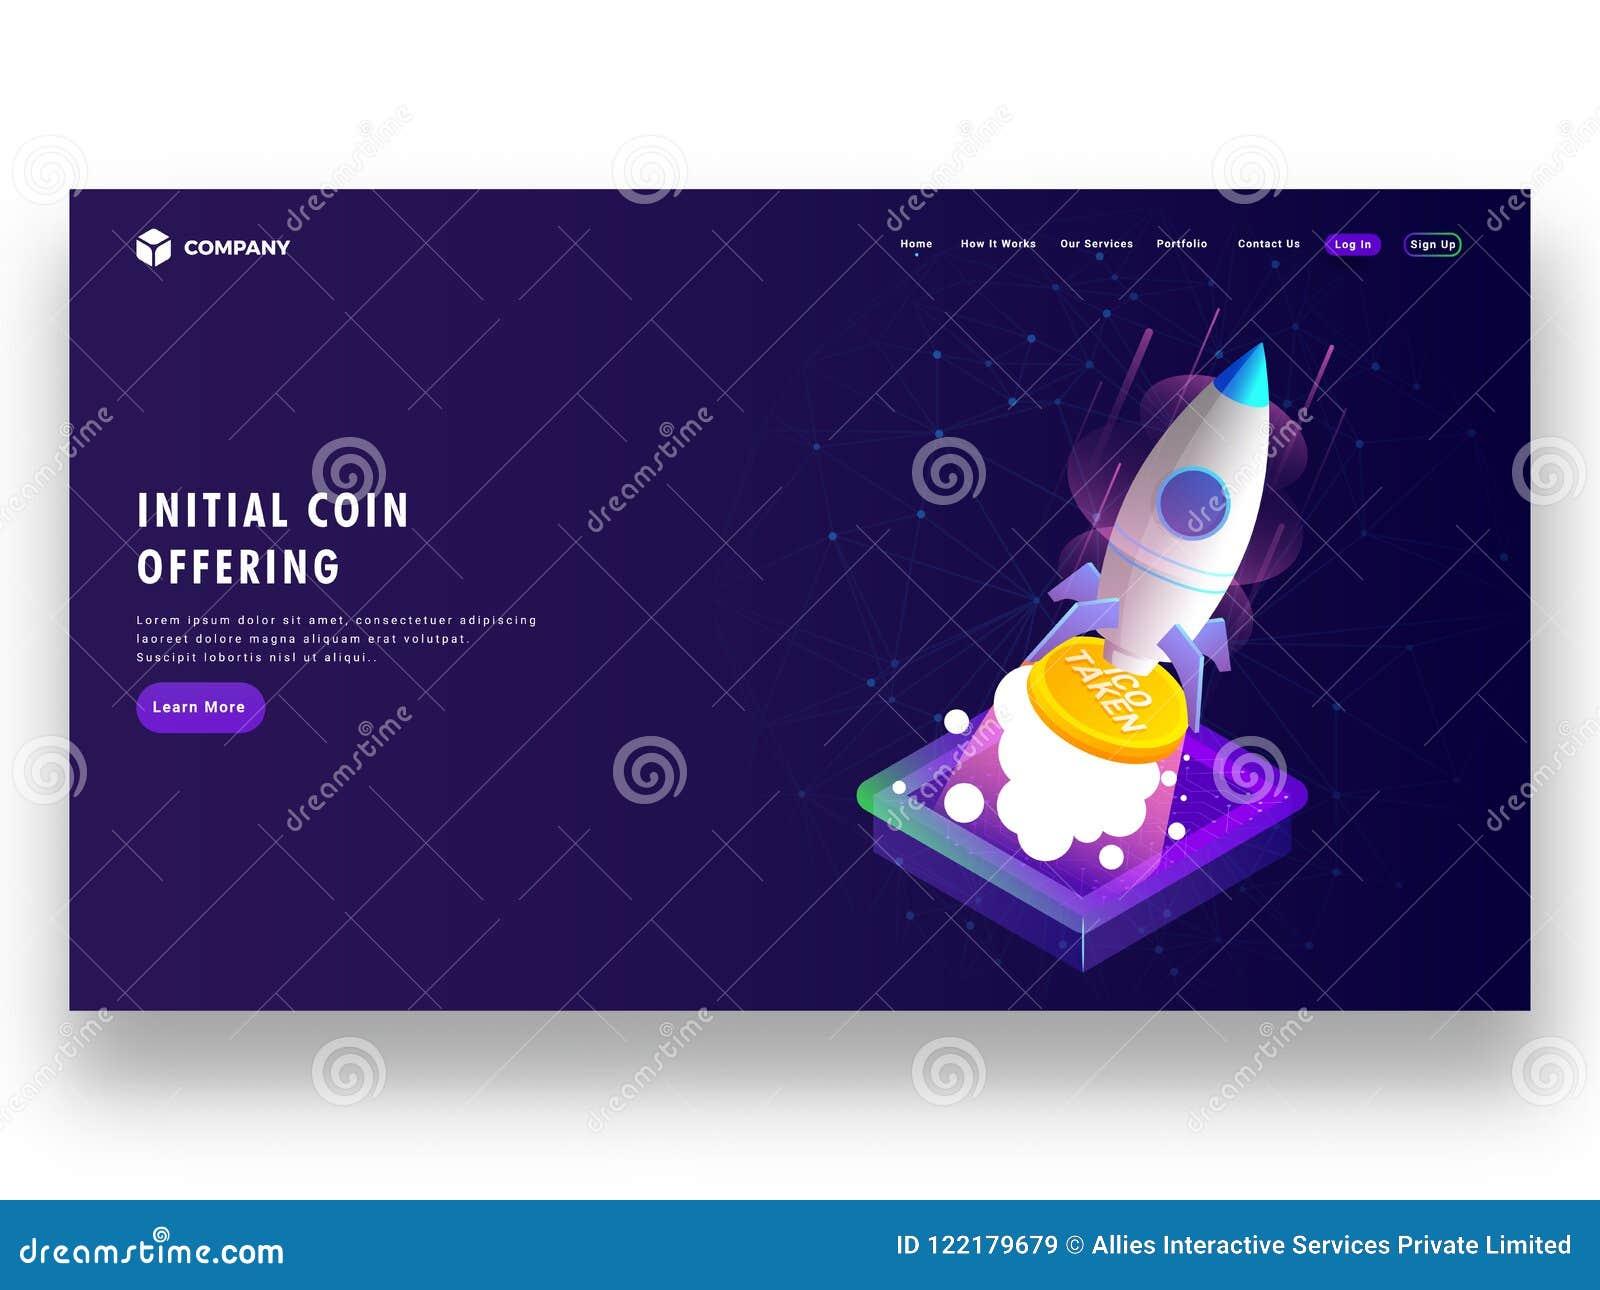 Initialt mynt som erbjuder ICO startup begrepp baserad landningsida D